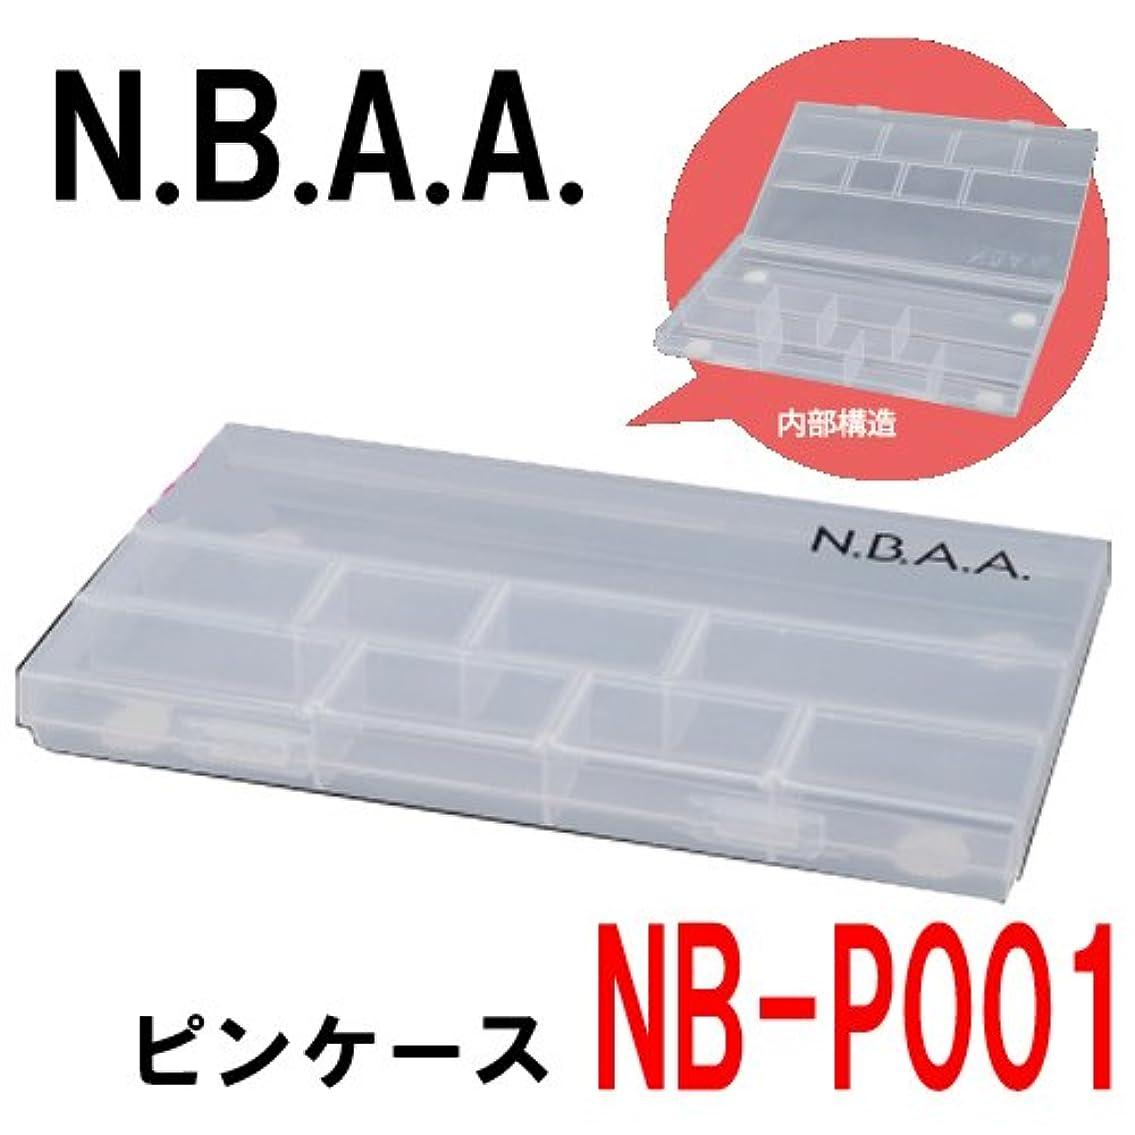 軍隊傀儡無駄だN.B.A.A. NB-P001 ピンケース